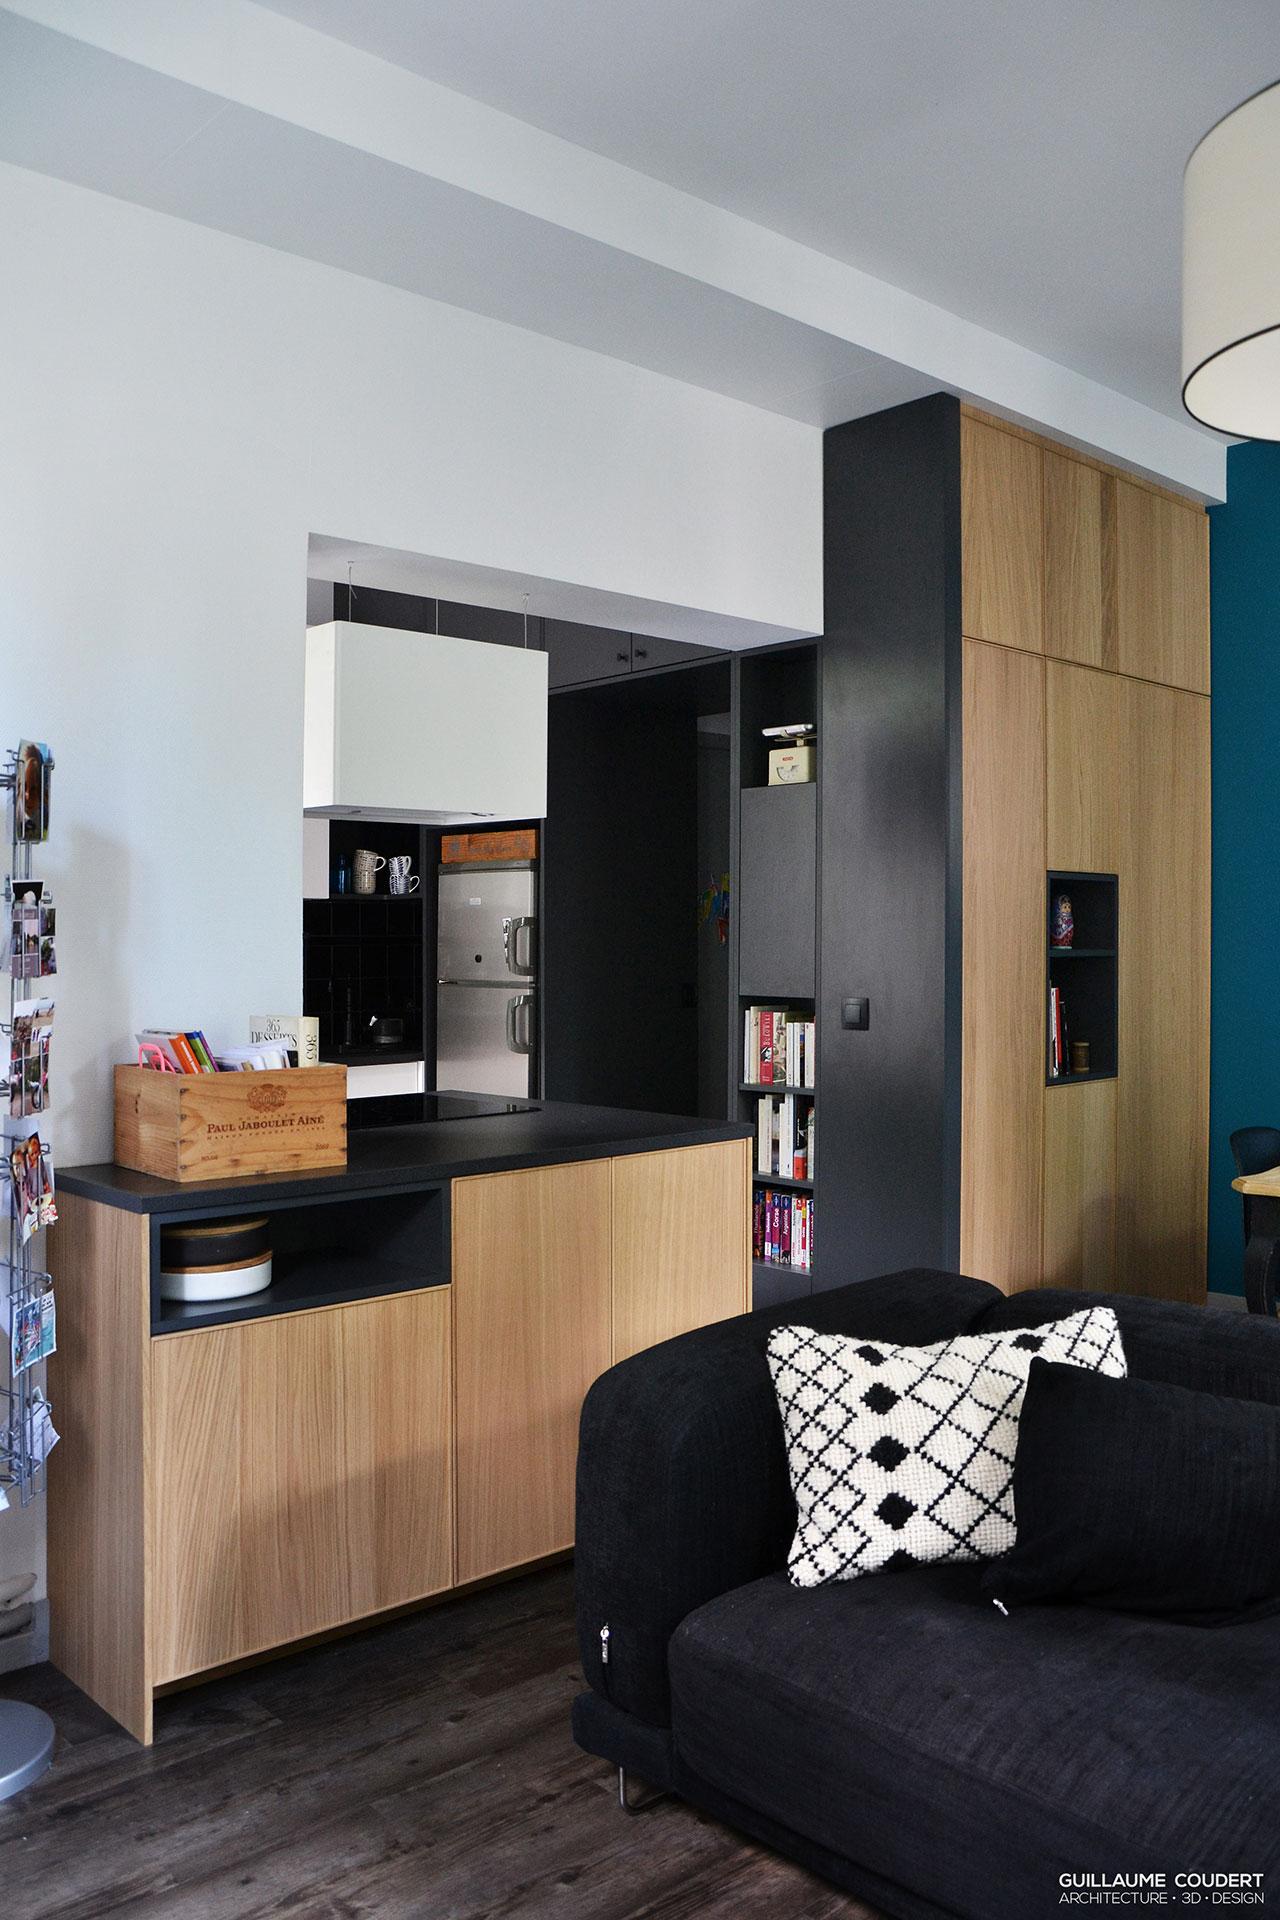 Appartement boc01 villeurbanne 69100 guillaume coudert architecture d 39 int rieur - Cloison demontable chambre ...